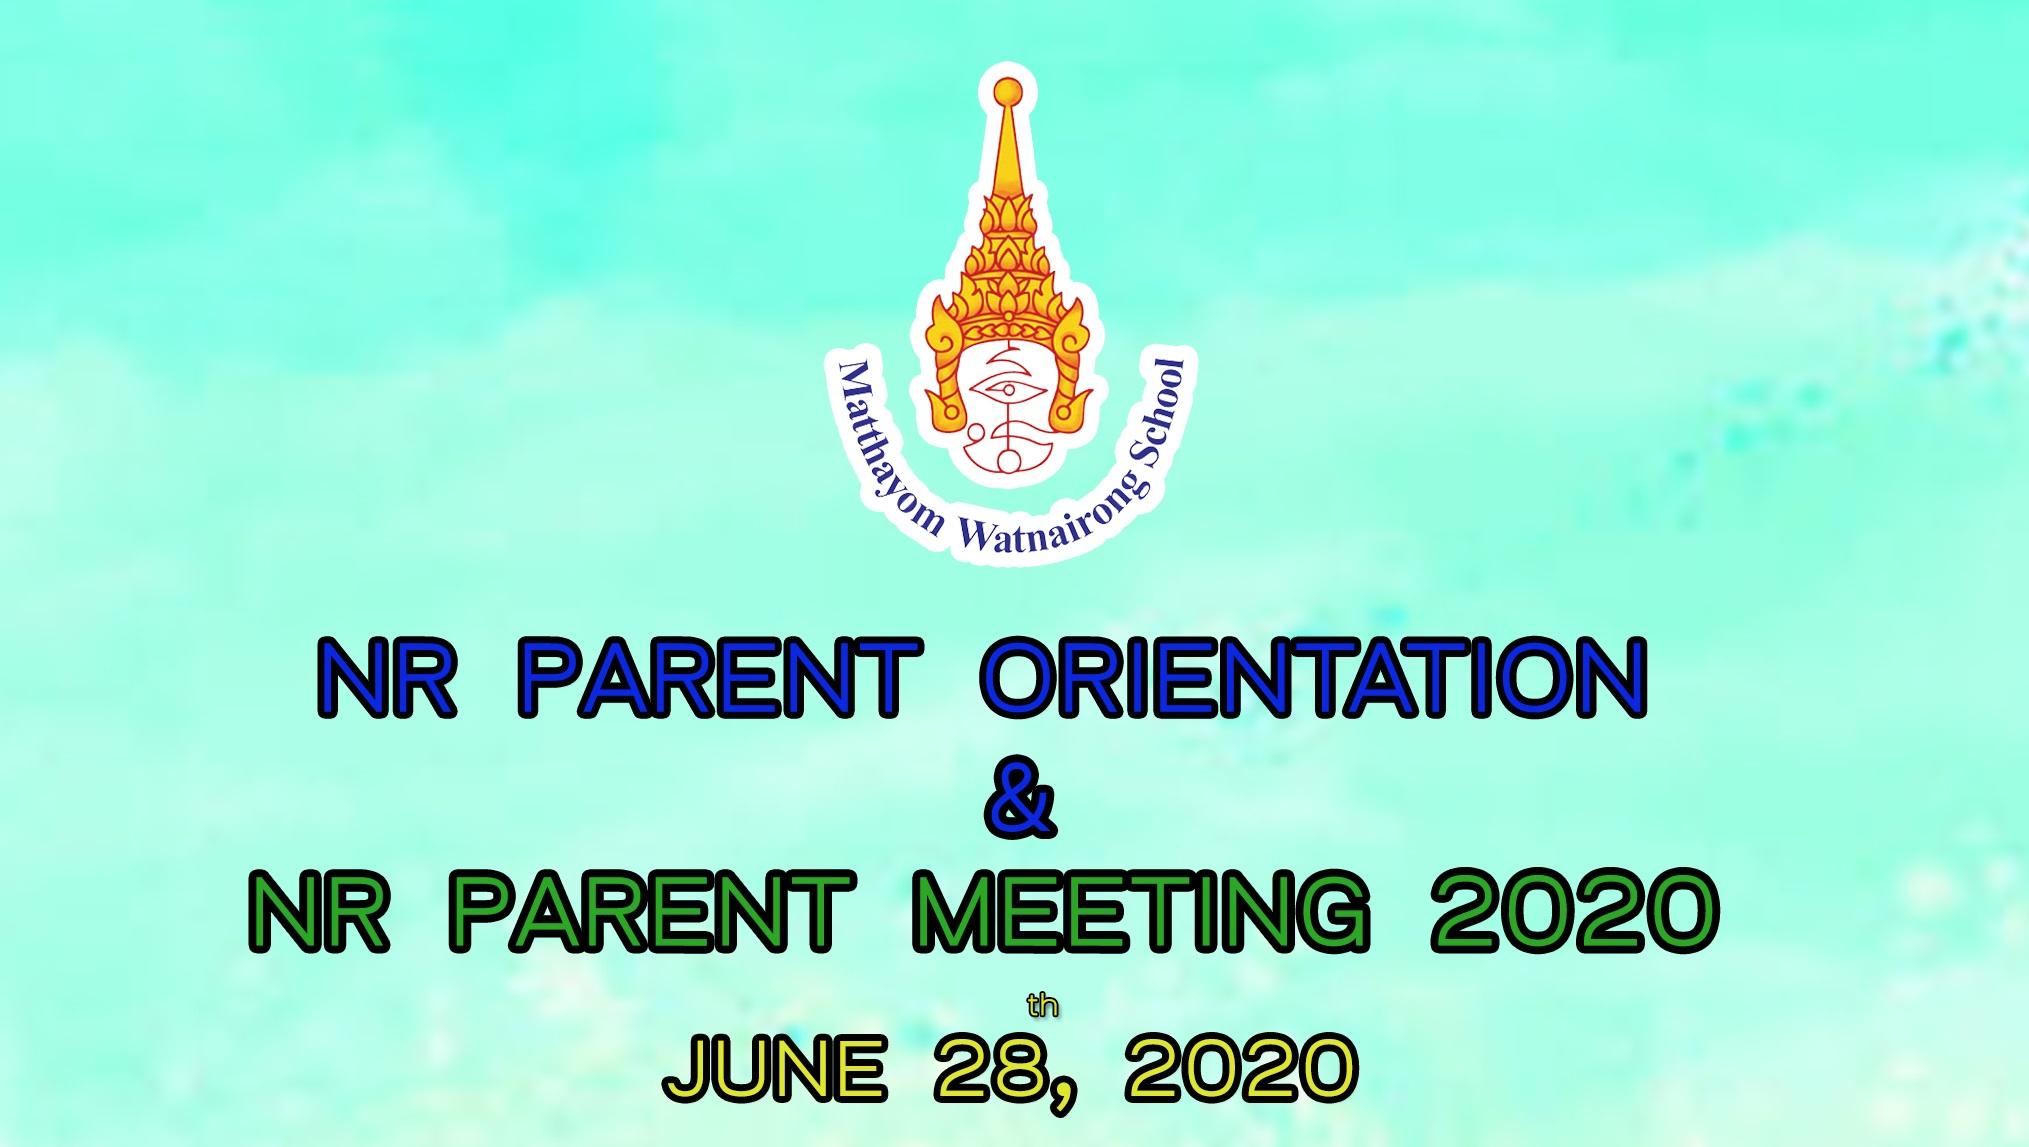 NR PARENT ORIENTATION & NR PARENT MEETING 2020 ON JUNE 28, 2020